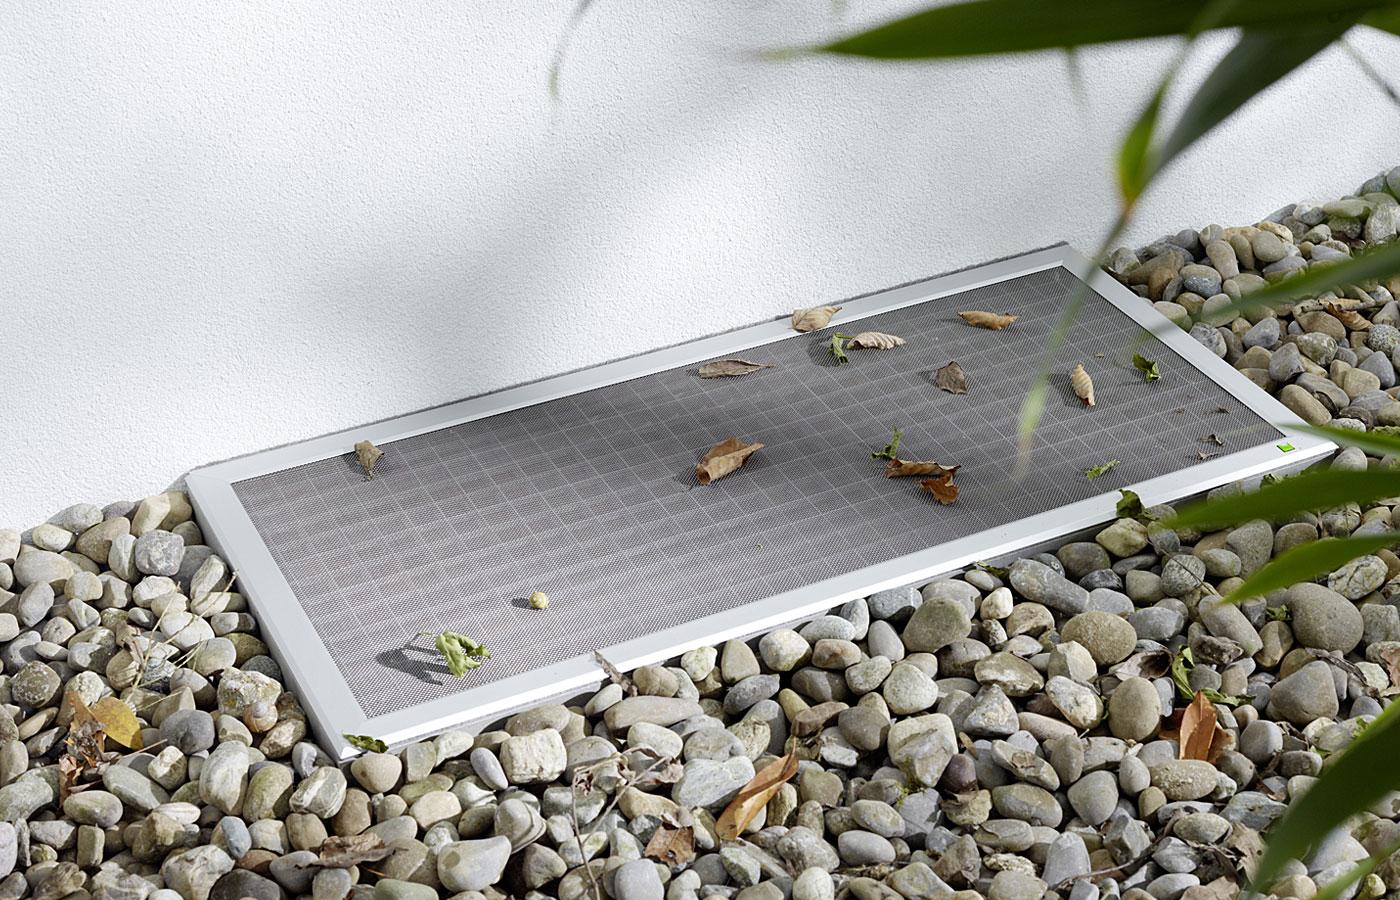 insektenschutz f r fenster und t ren insektenschutz f r fenster und t ren pollenschutz. Black Bedroom Furniture Sets. Home Design Ideas